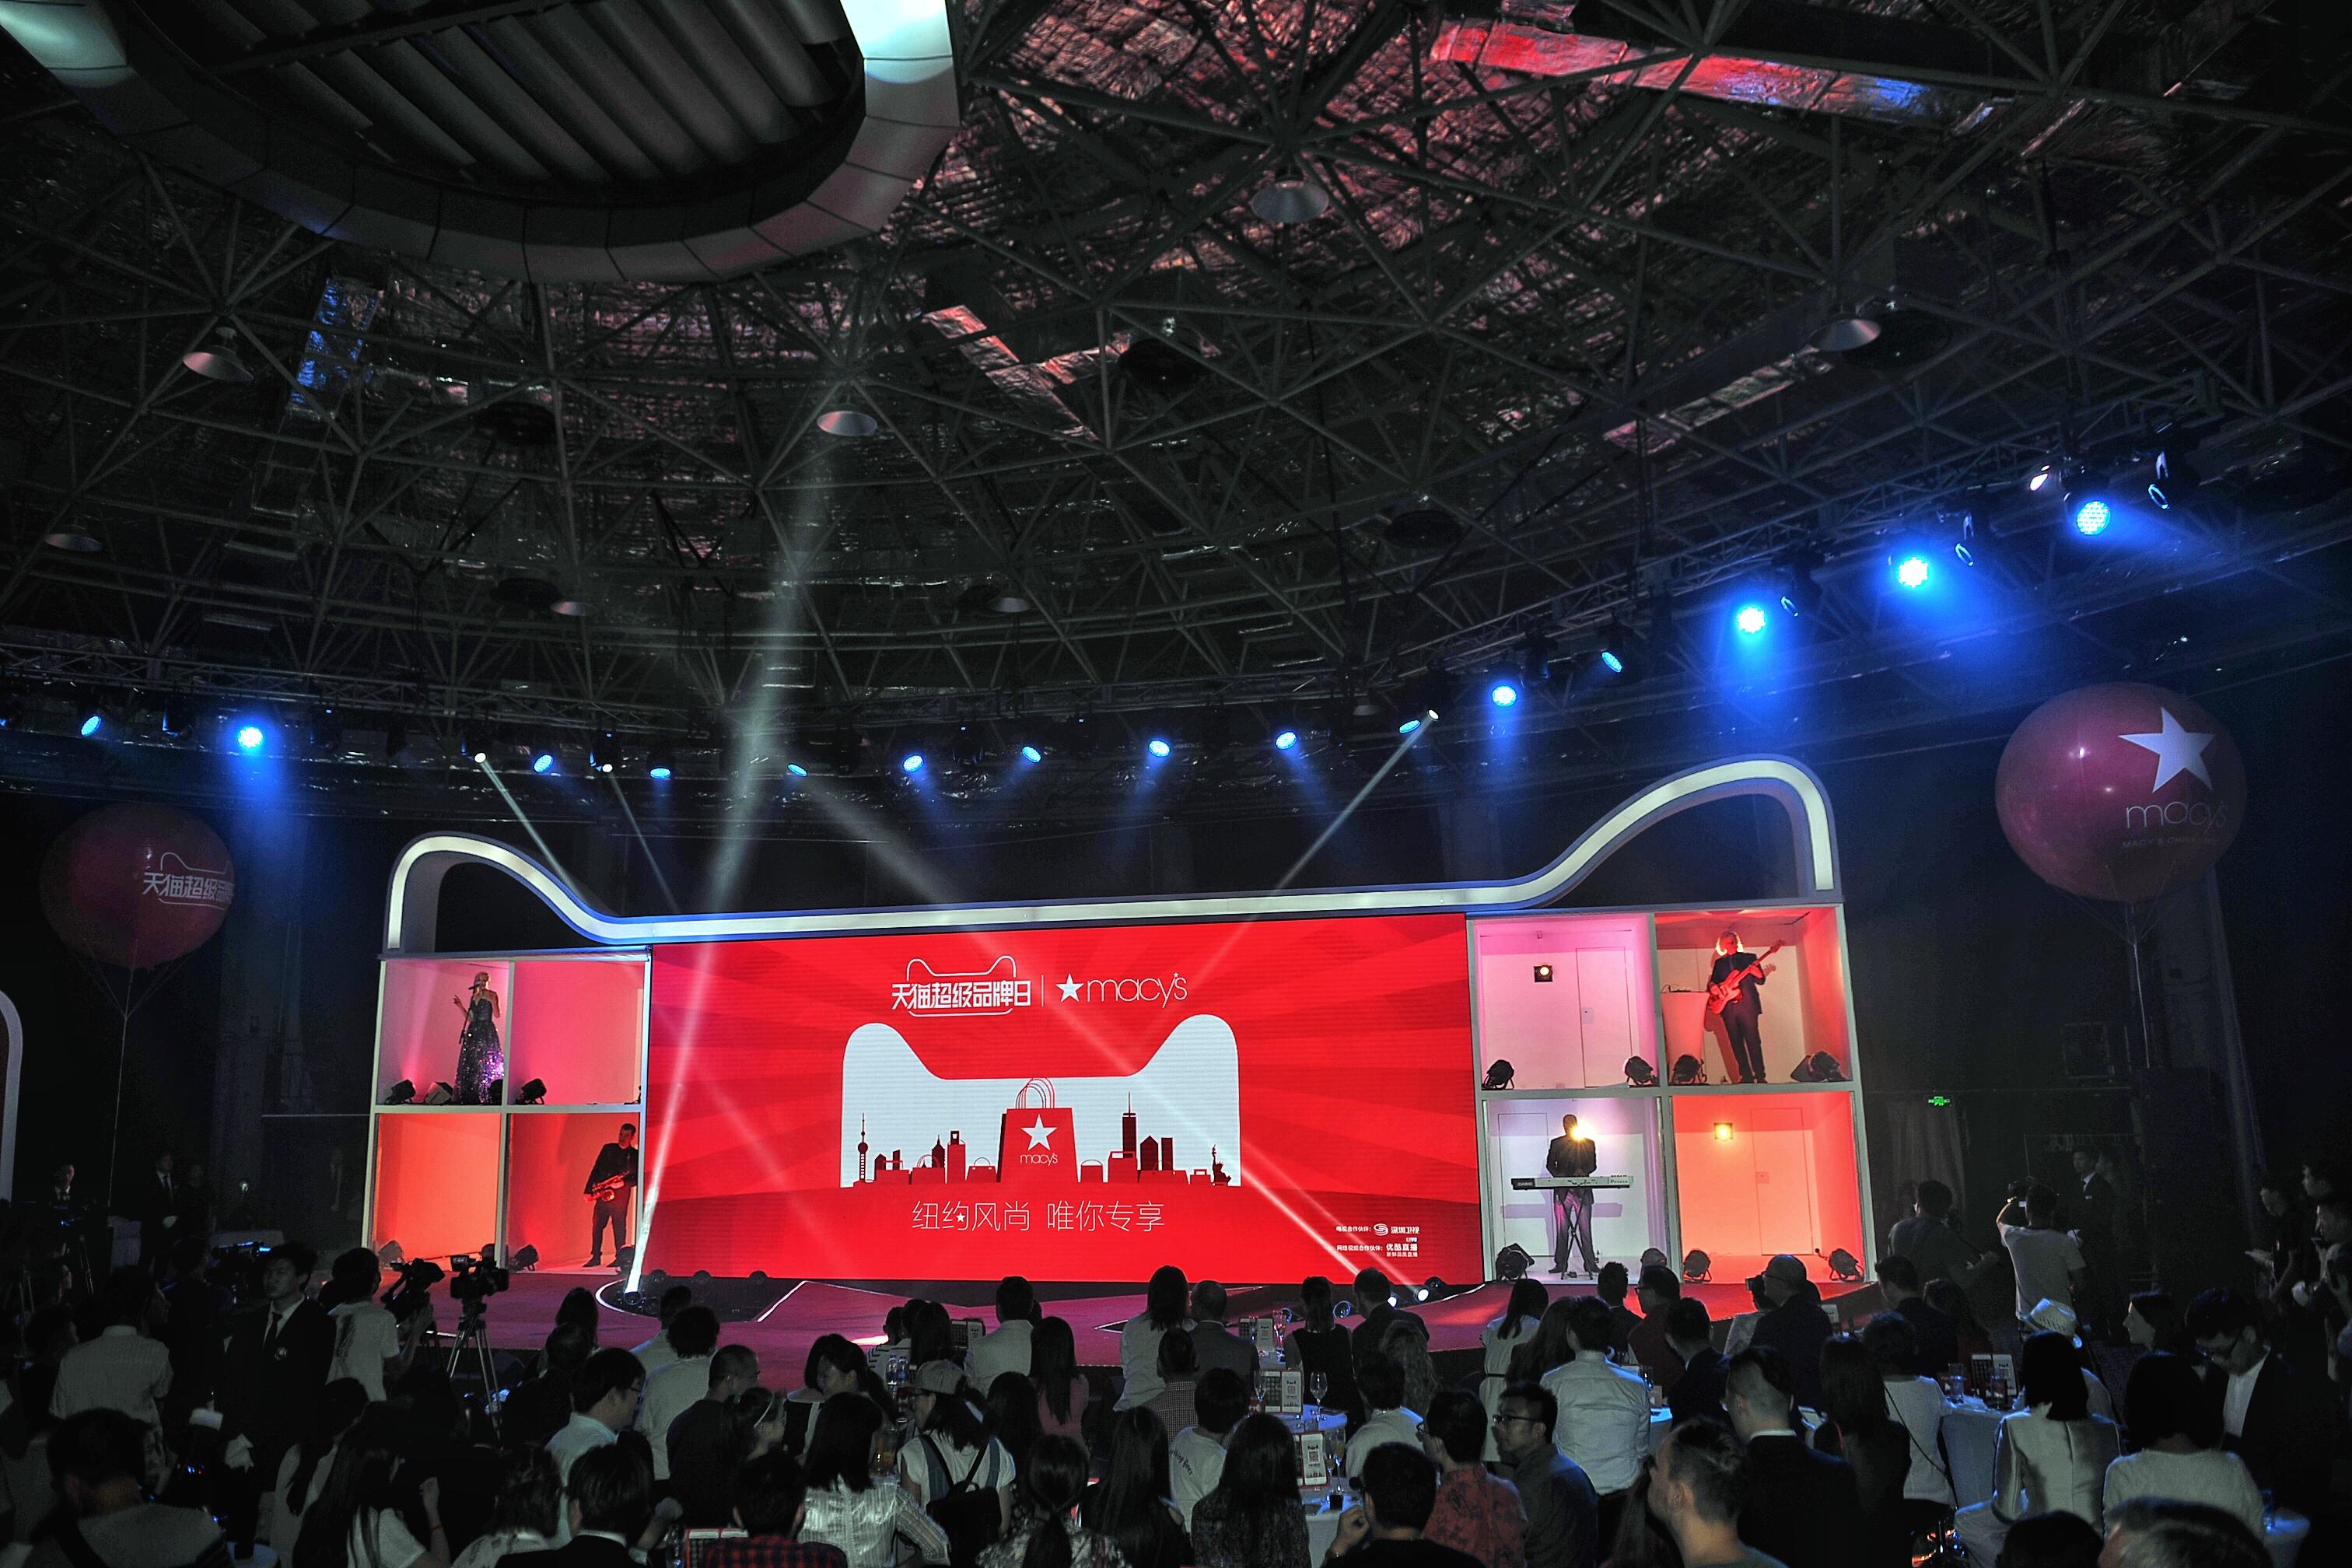 9月24日梅西百货天猫超级品牌日在上海启动,给中国消费者带来纽约风尚